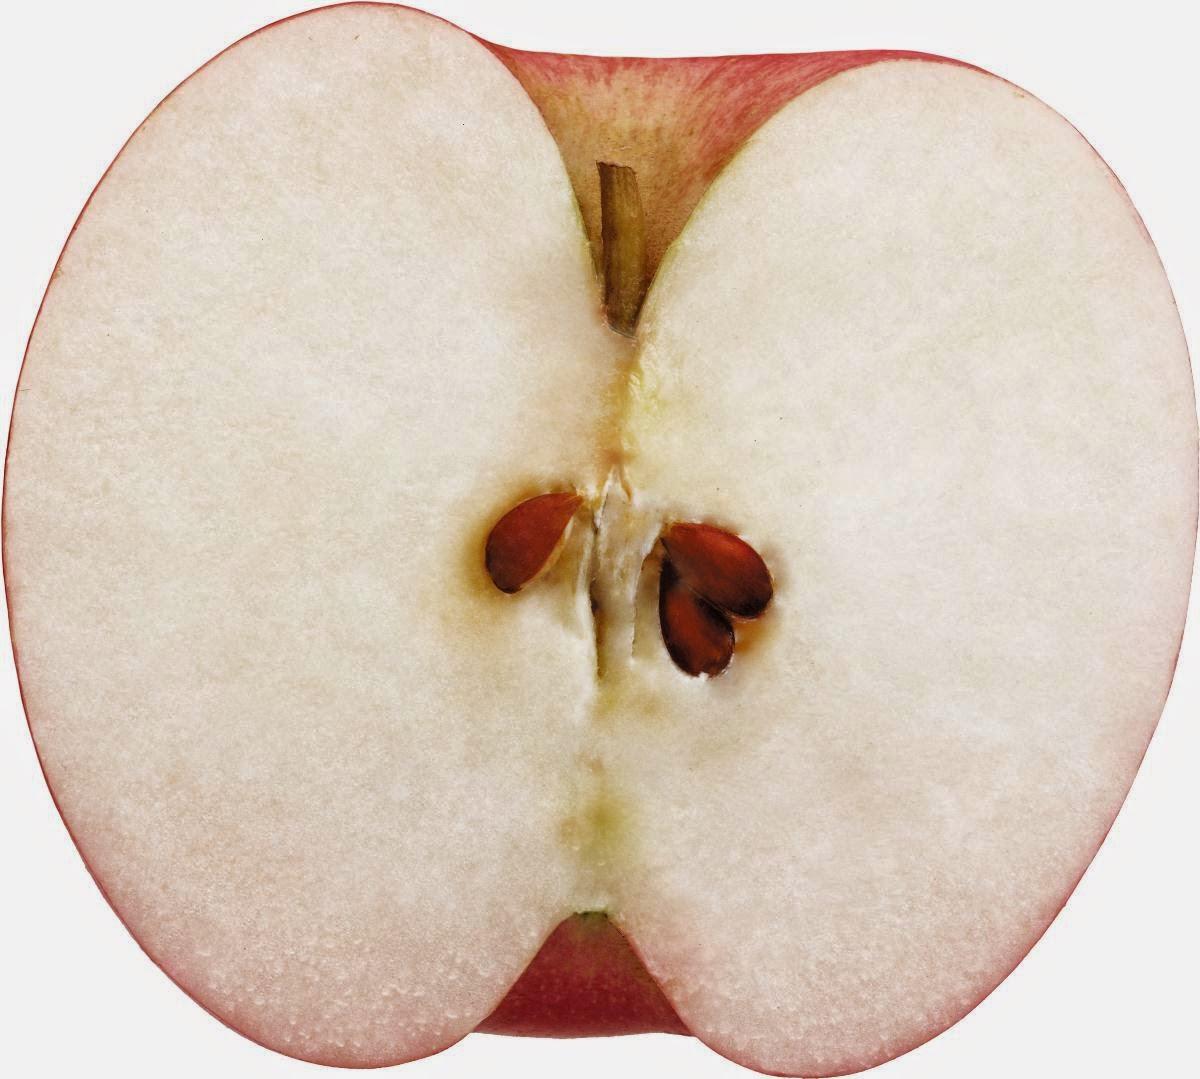 Manfaat dan Kandungan Nutrisi Buah Apel